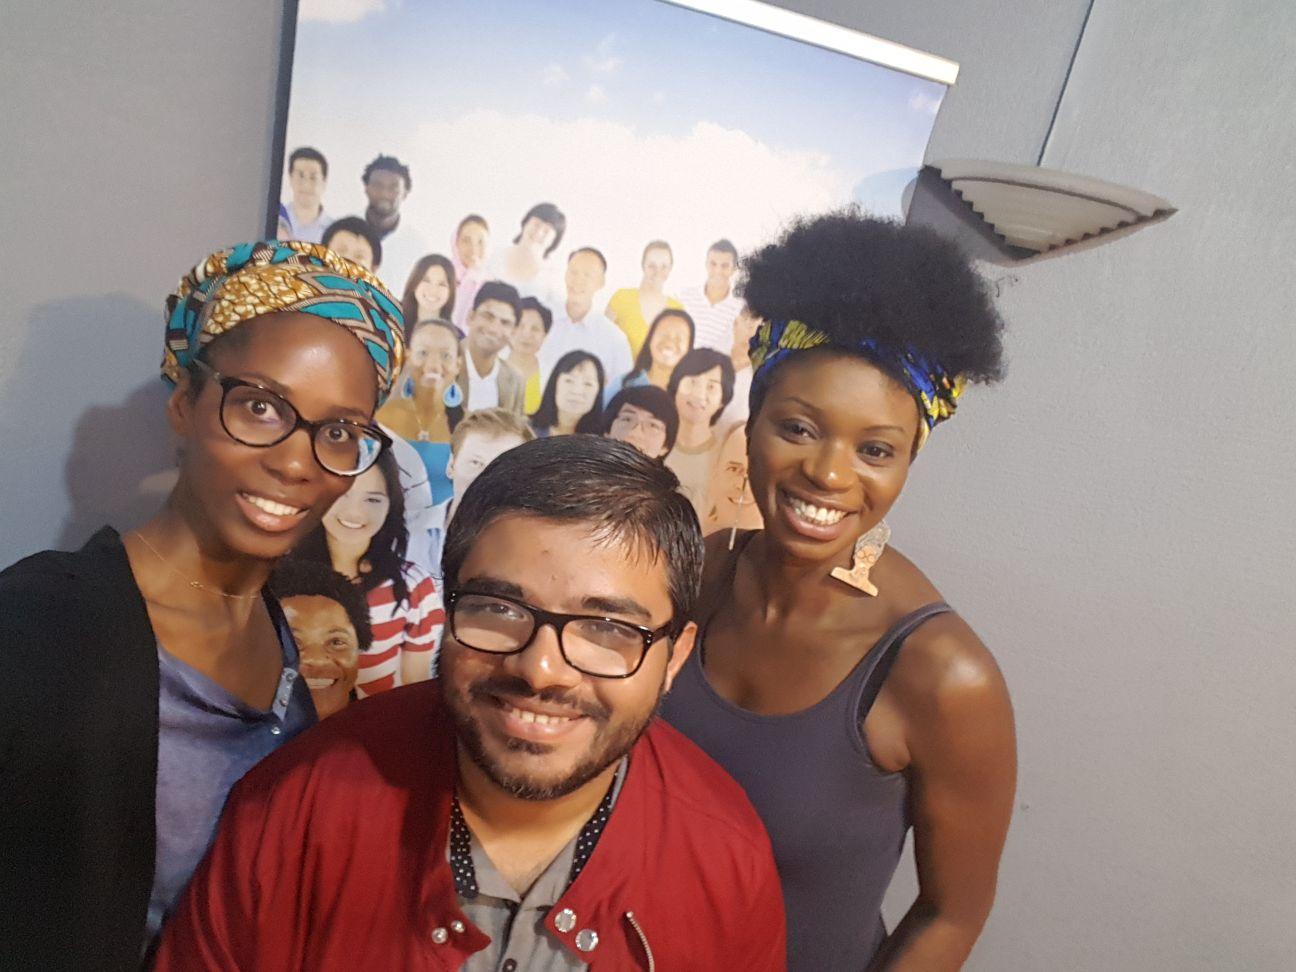 """[RADIO] Écoutez le REPLAY de """"Maquis Pluriel"""" du mardi 1er mai 2018 avec le réseau des femmes afrodescendantes (vidéo)"""